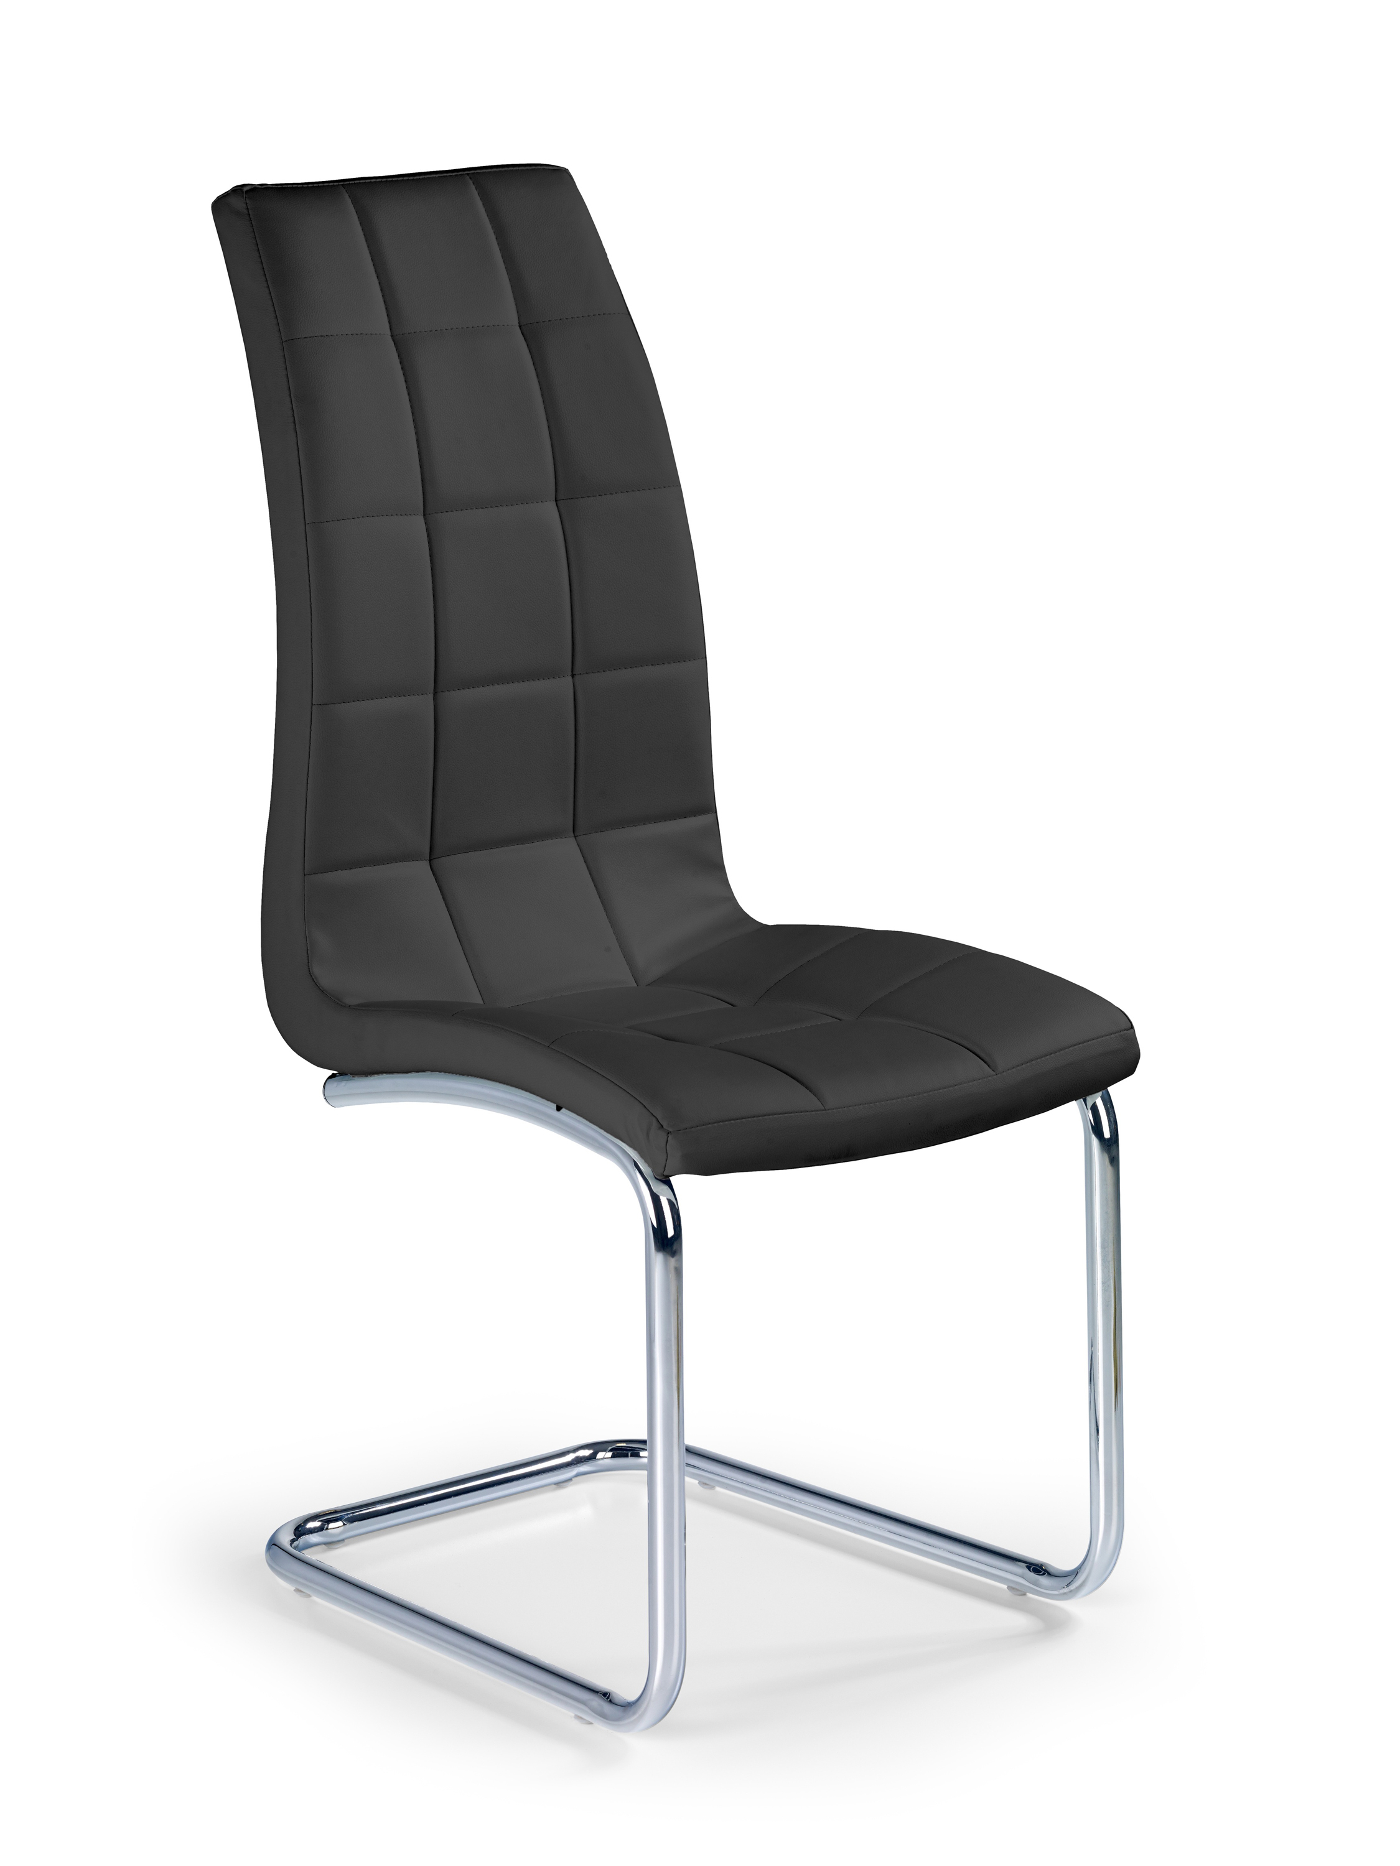 K147 krzesło czarny (2p=4szt)